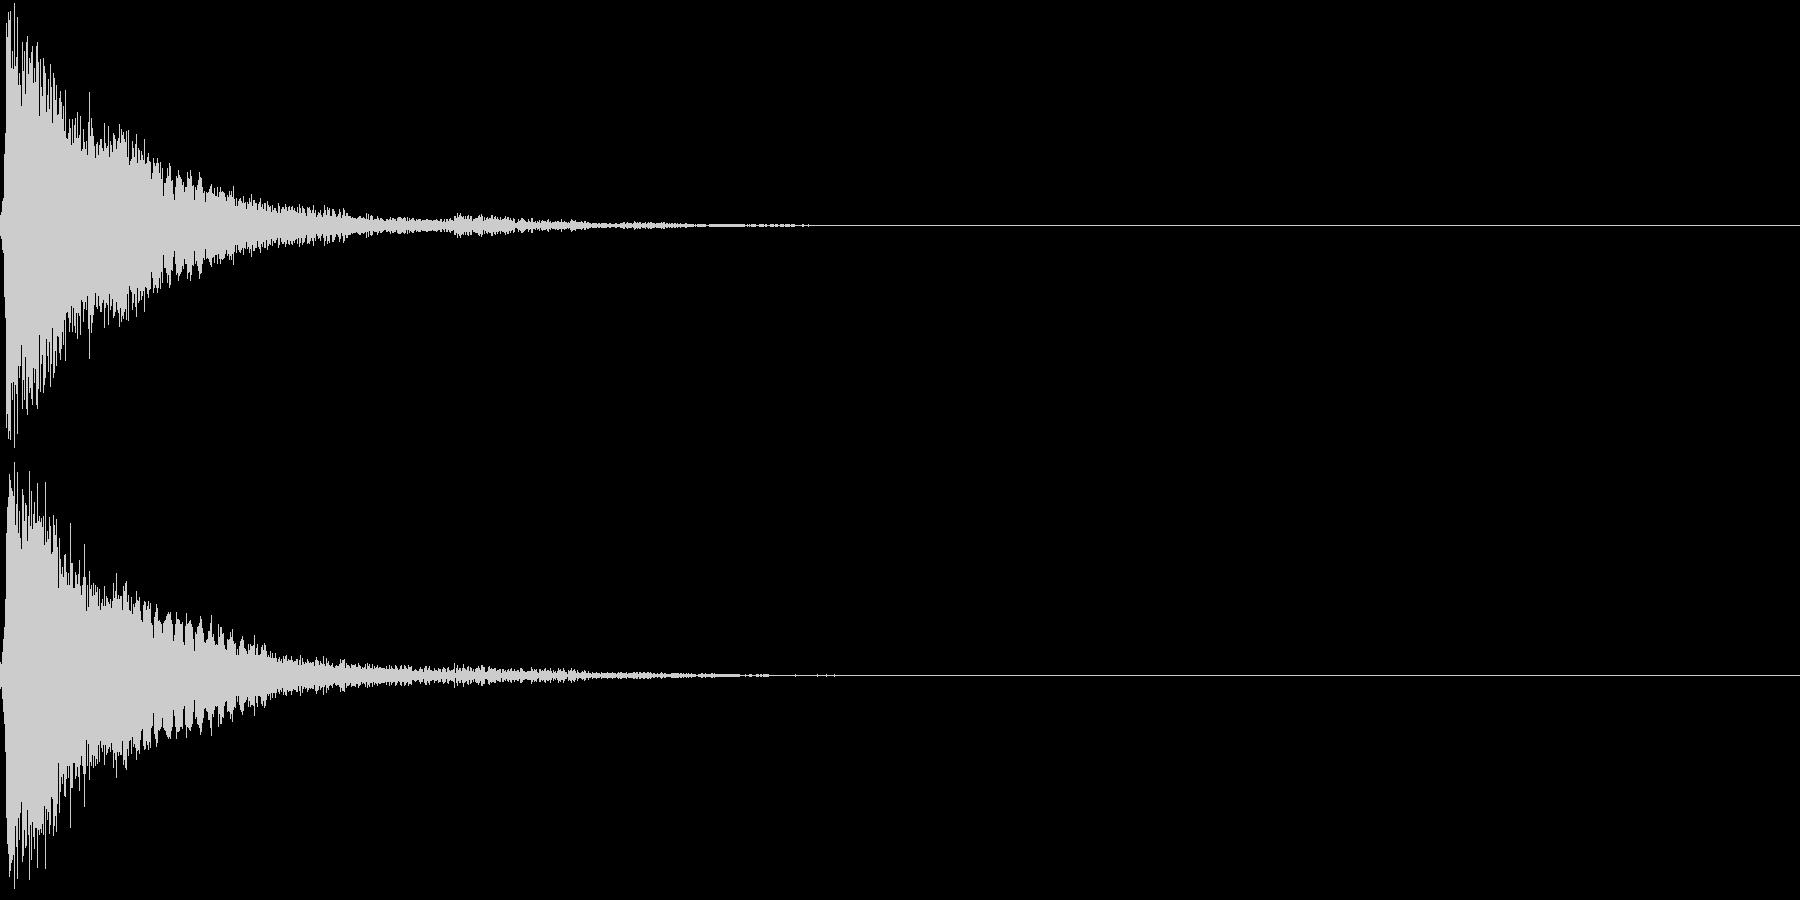 刀 剣 カキーン シャキーン 目立つ03の未再生の波形